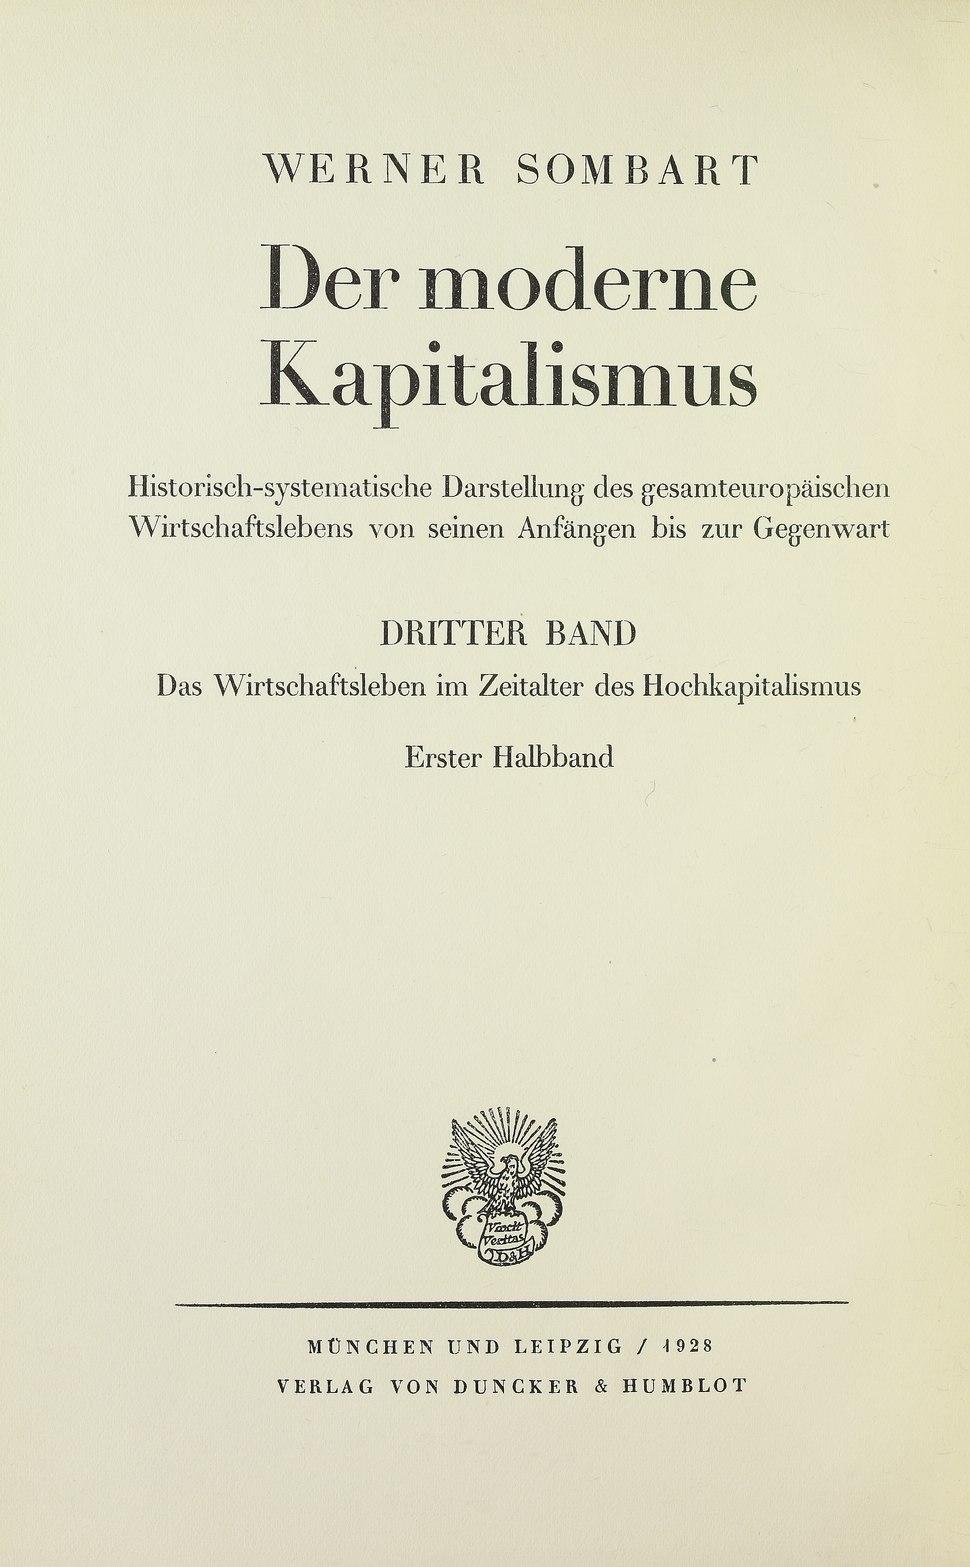 Sombart - Wirtschaftsleben im Zeitalter des Hochkapitalismus, 1928.tiff